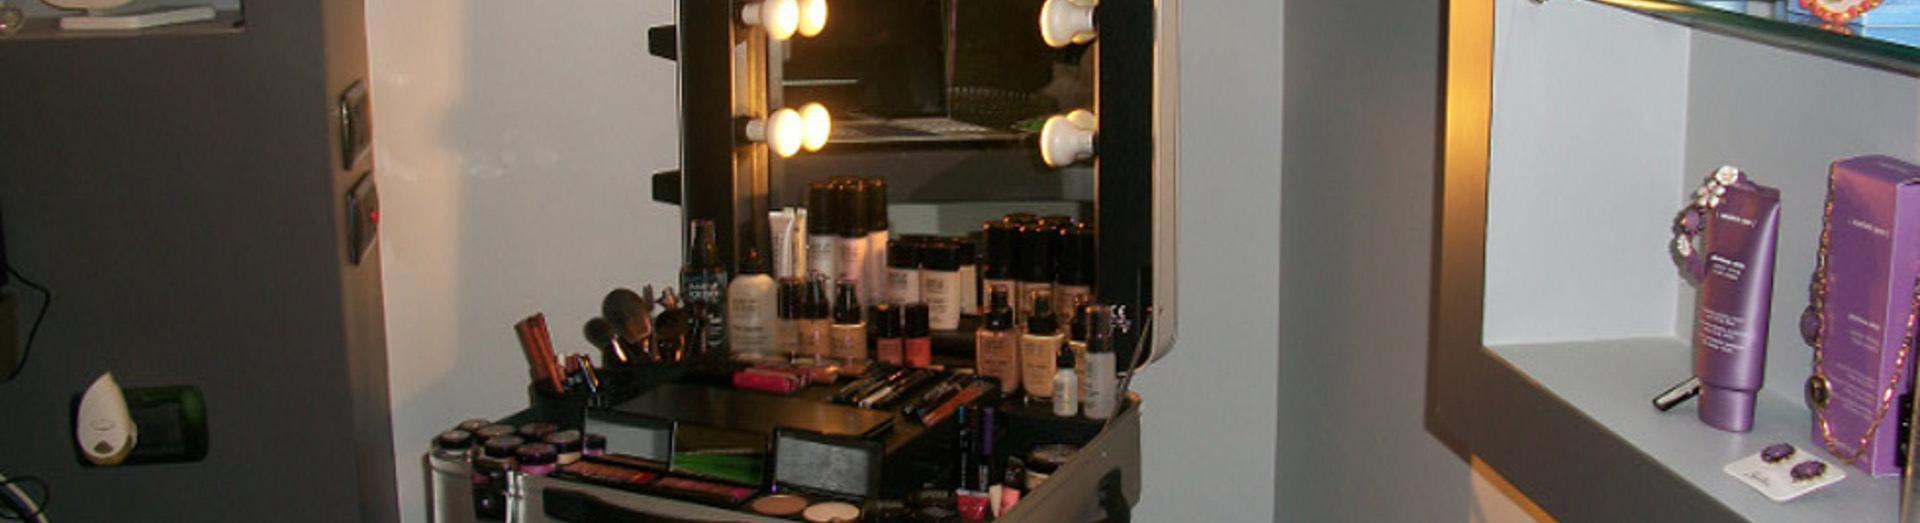 uno specchio con davanti dei trucchi